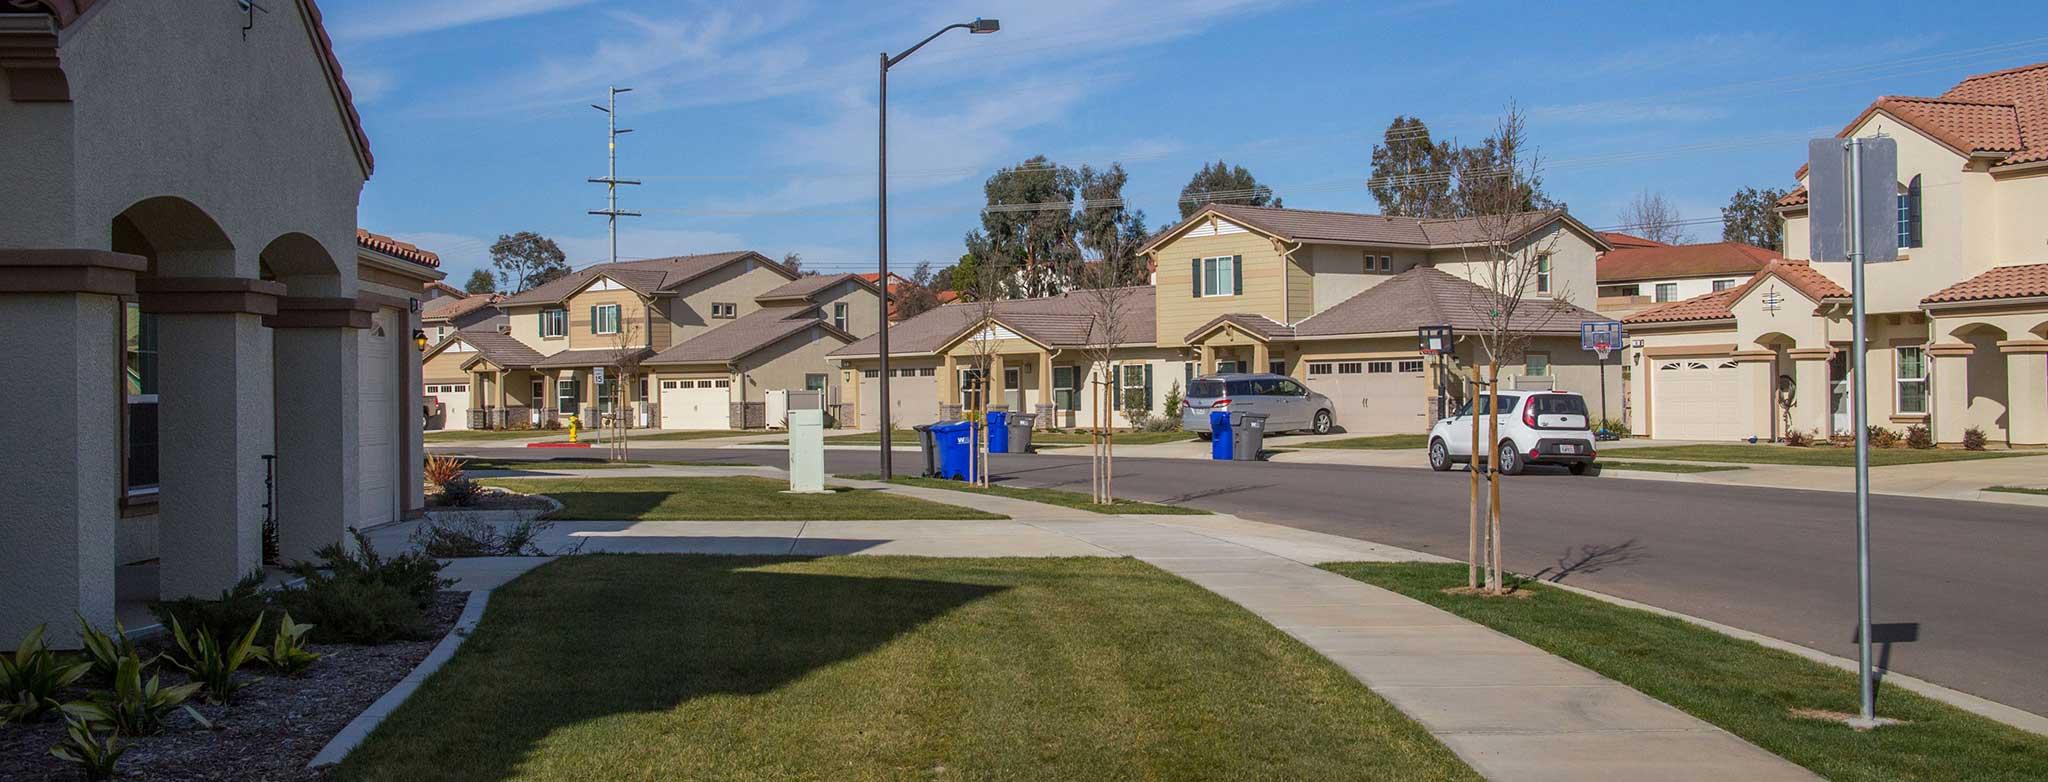 Camp Pendleton Quantico Housing